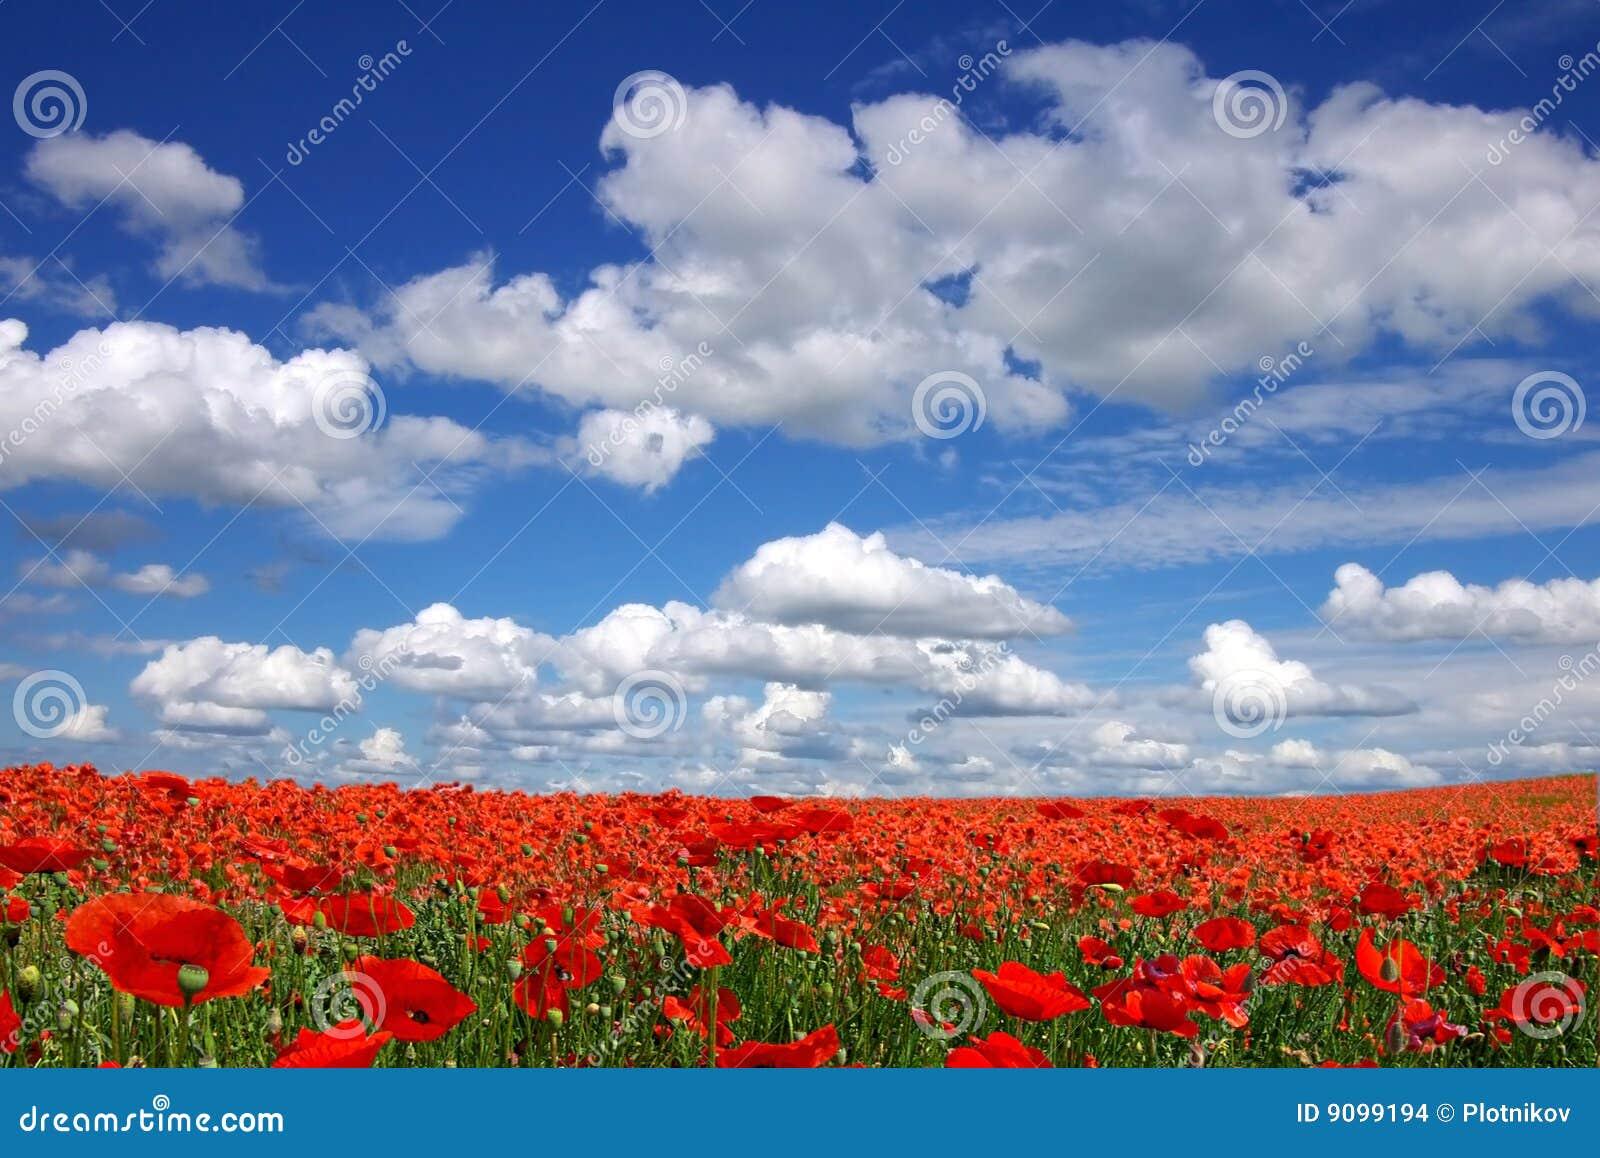 Malerische Landschaft mit Mohnblumeplantage